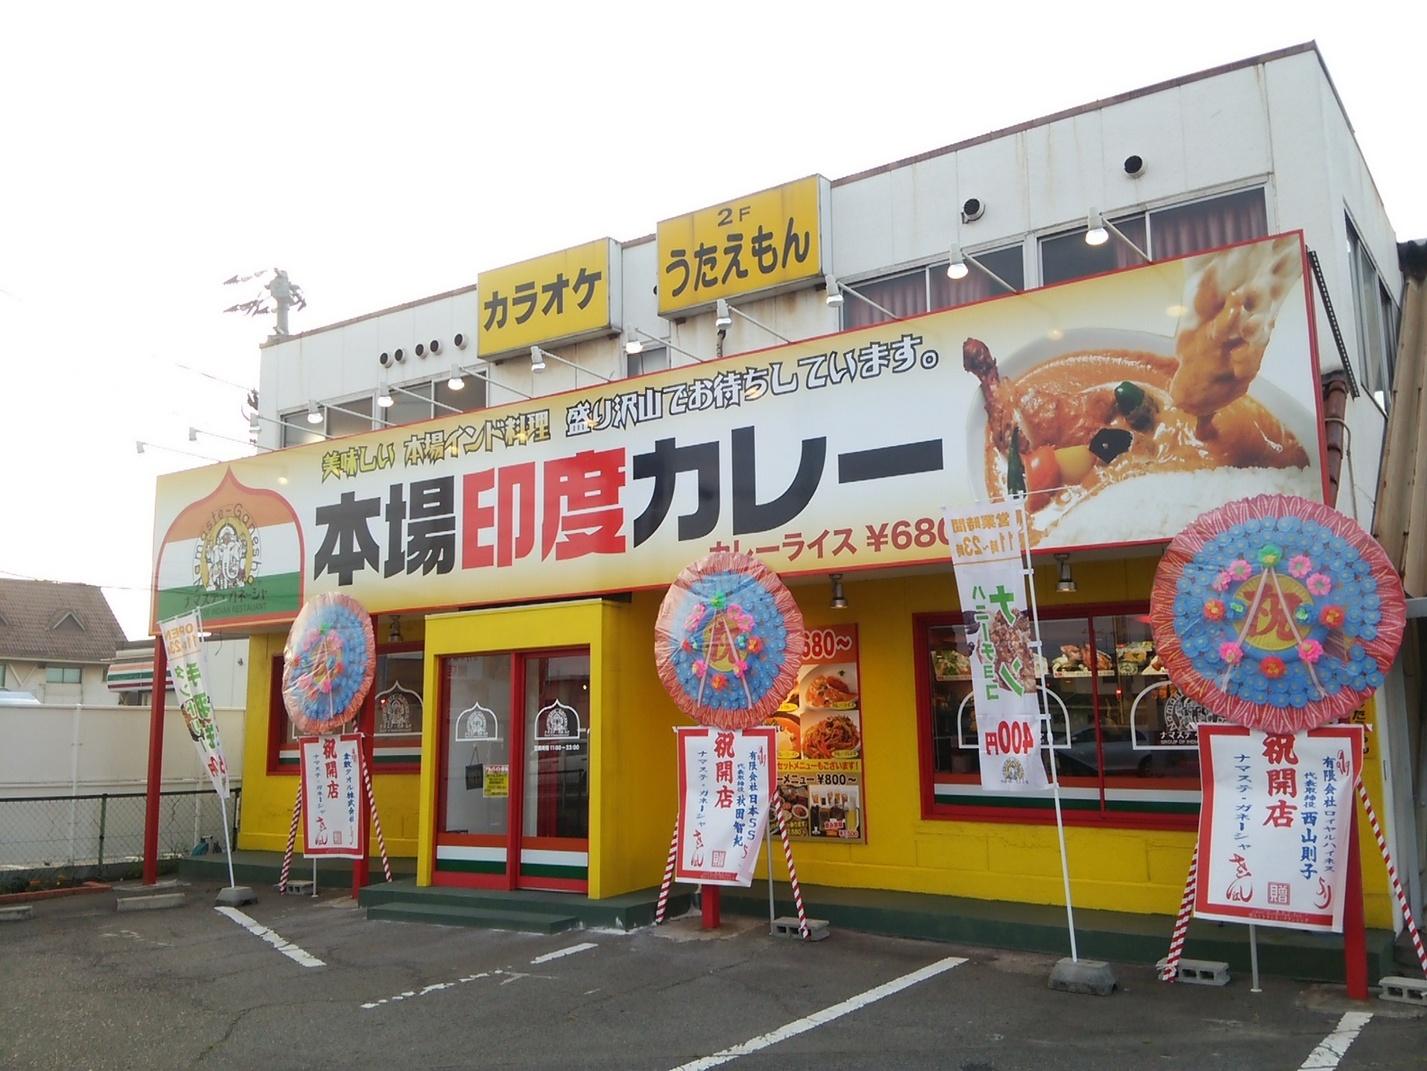 ナマステ・ガネーシャ 水島店